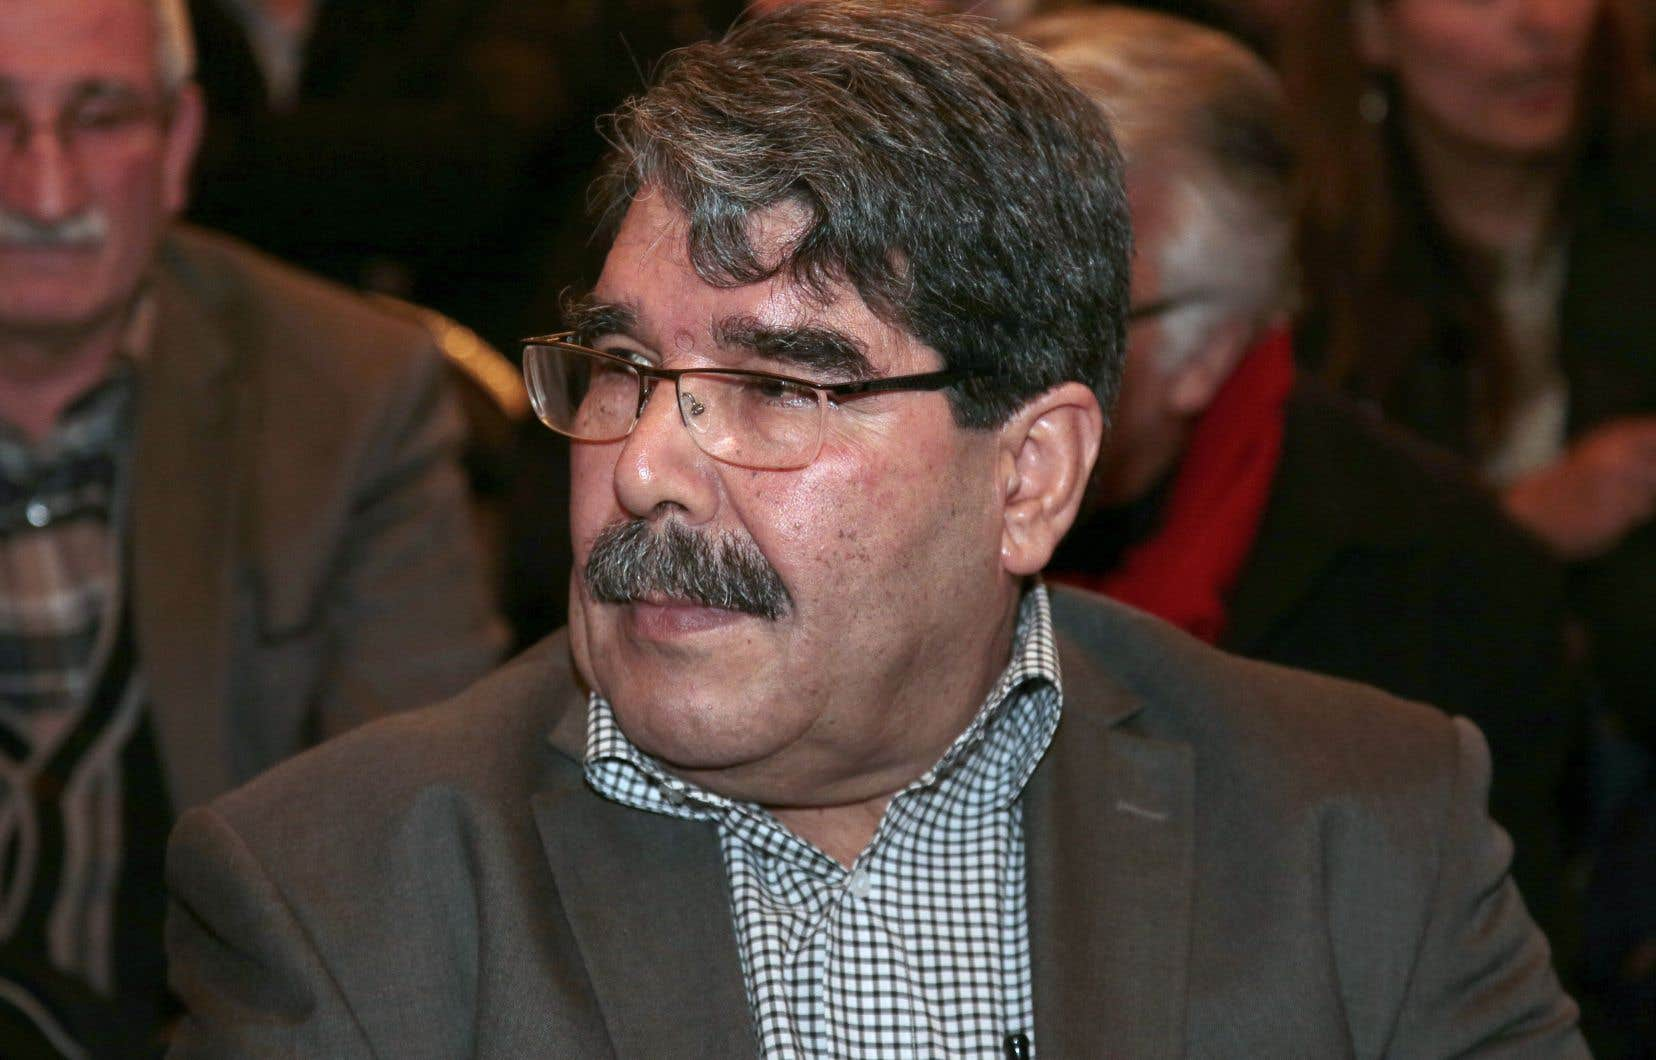 Le dirigeant kurde Saleh Muslim a été interpellé samedi soir dans un hôtel de Prague, en République tchèque.